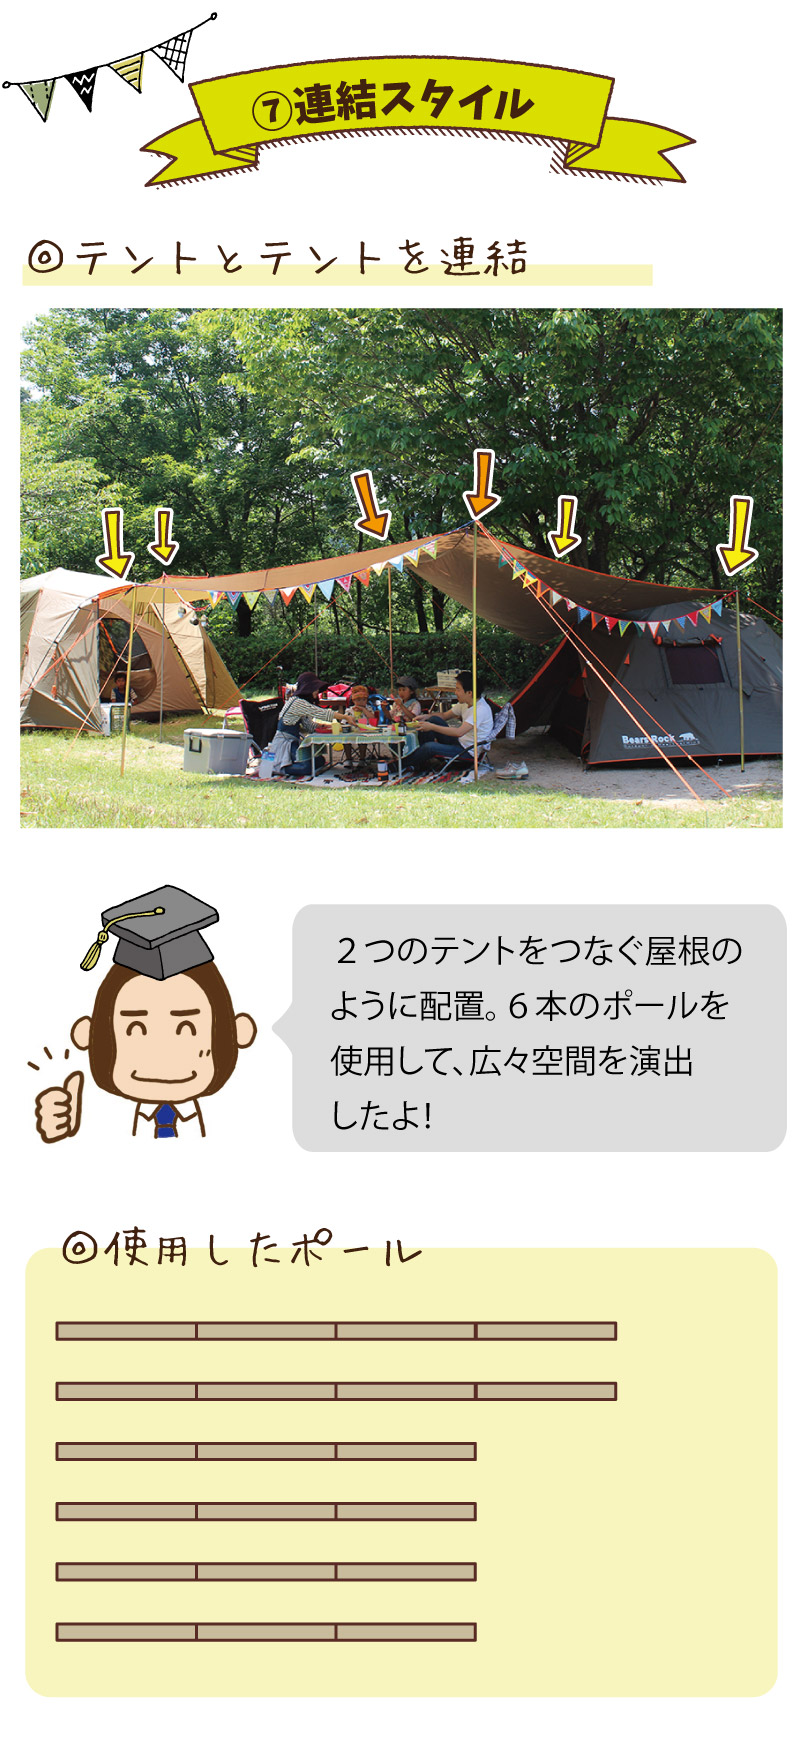 連結スタイル|テントとテントを連結。2つのテントをつなぐ屋根のように配置。6本のポールを使用して、広々空間を演出したよ!